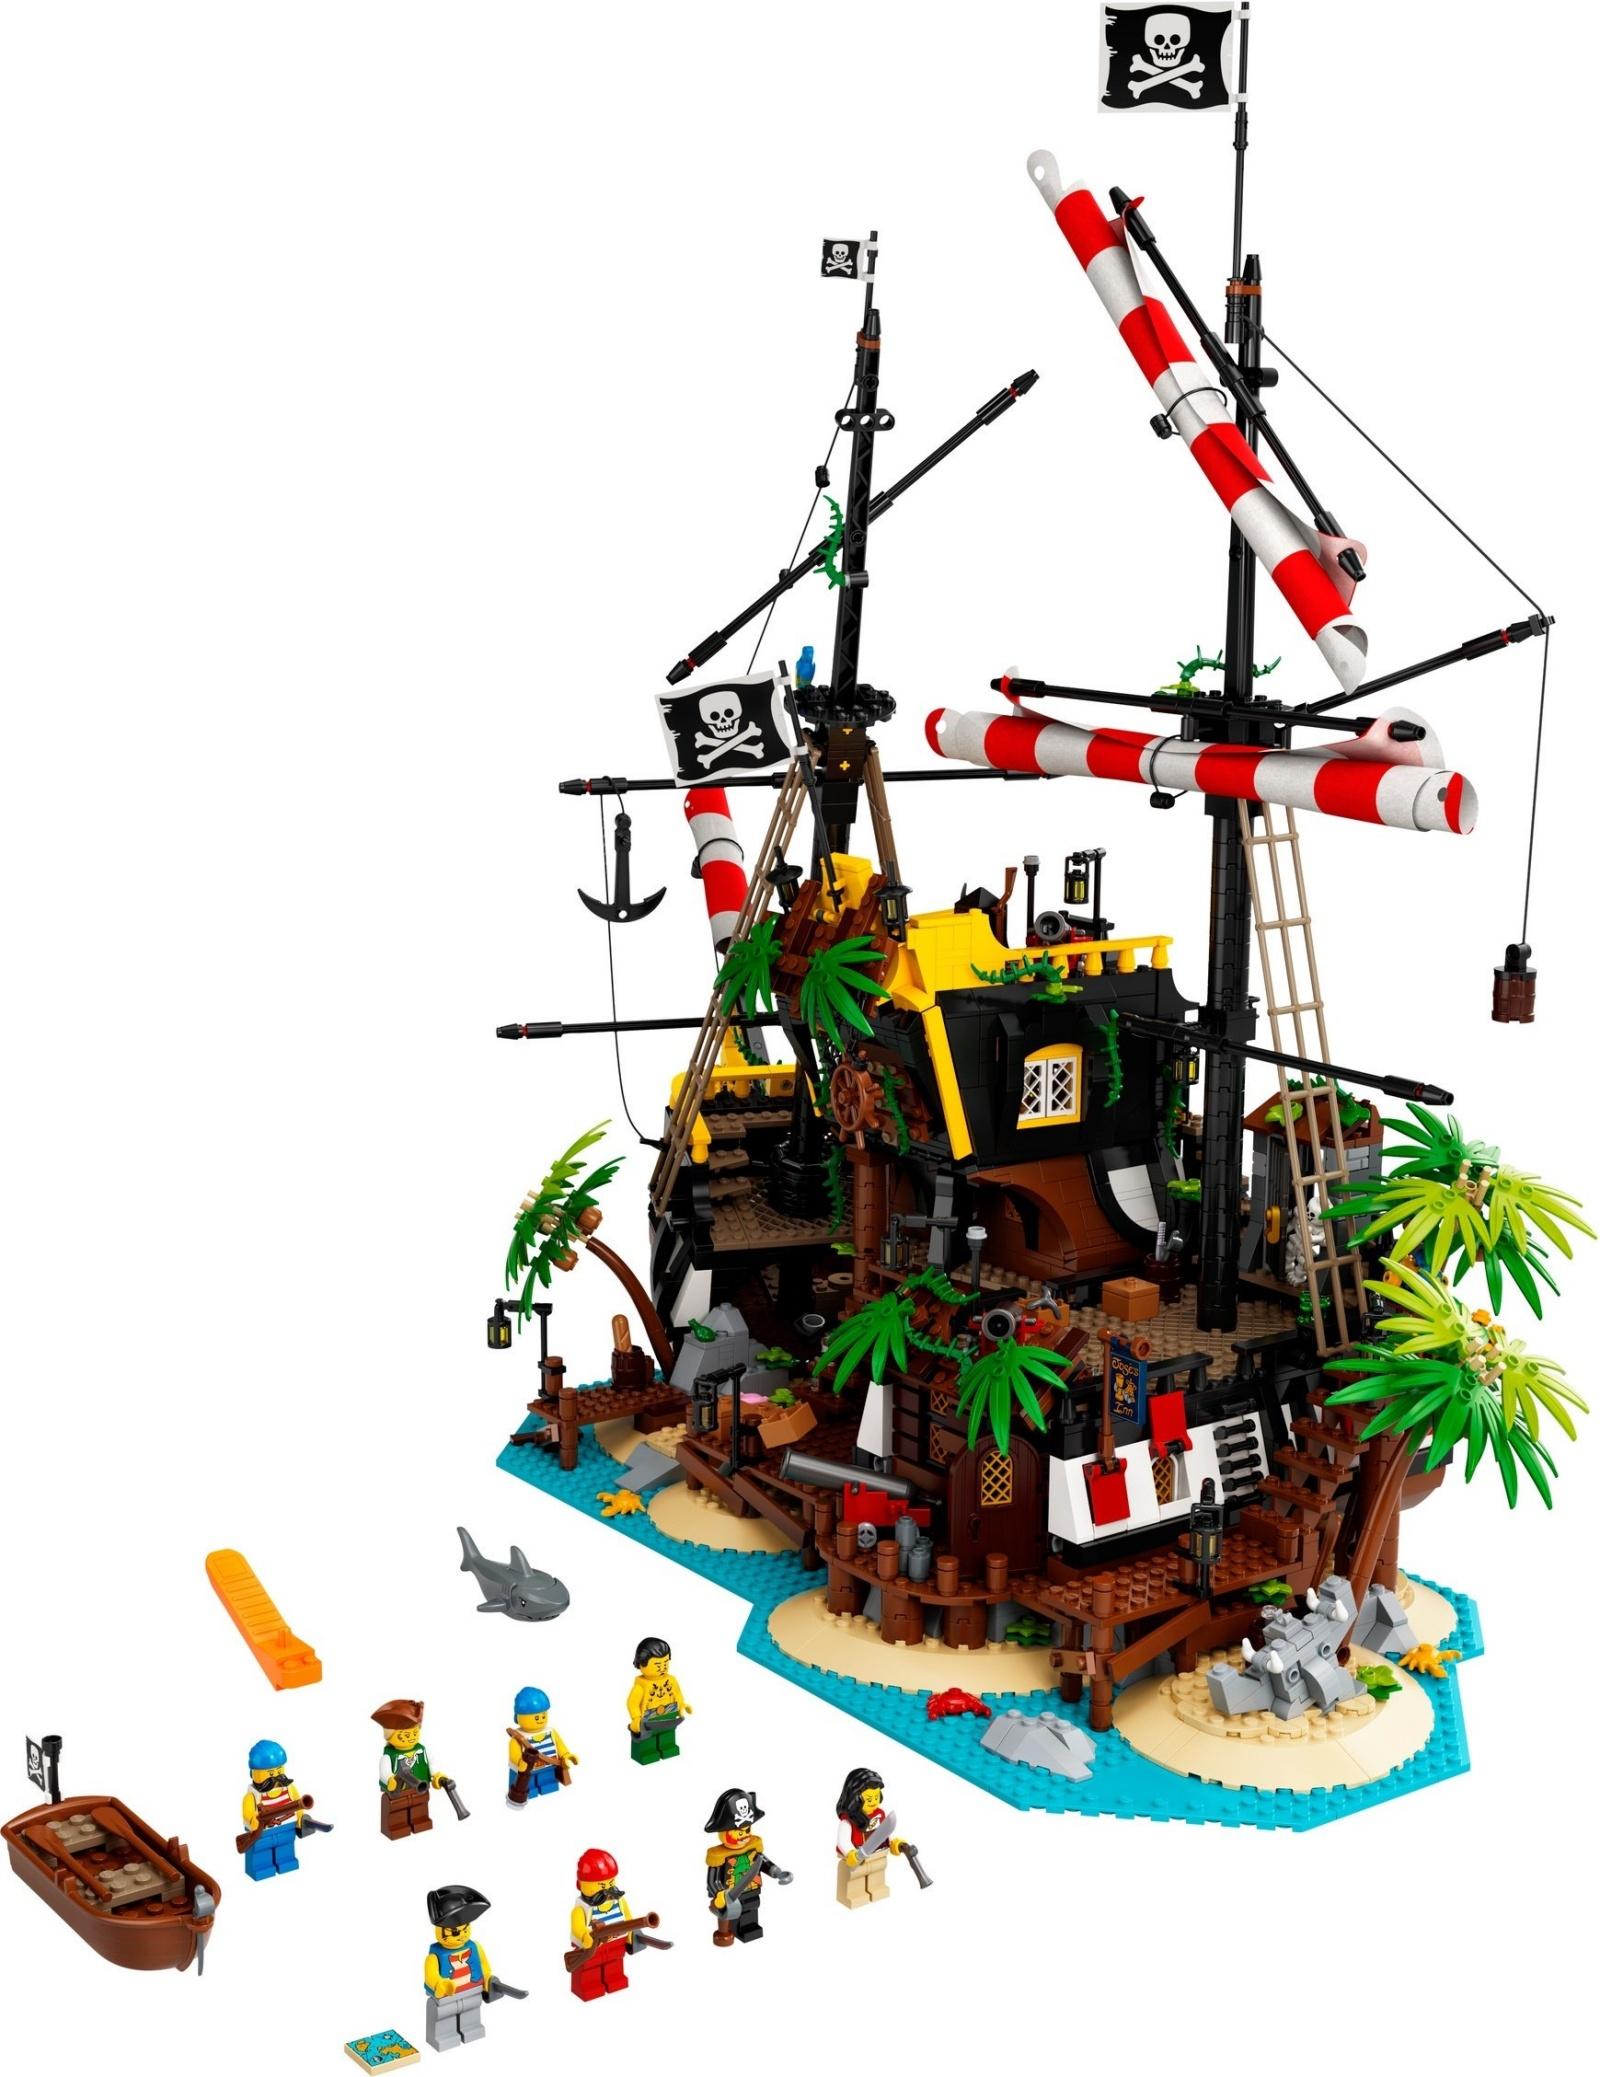 21322 LEGO Ideas Pirates of Barracuda Bay - Bộ đồ chơi LEGO Đảo Hải tặc